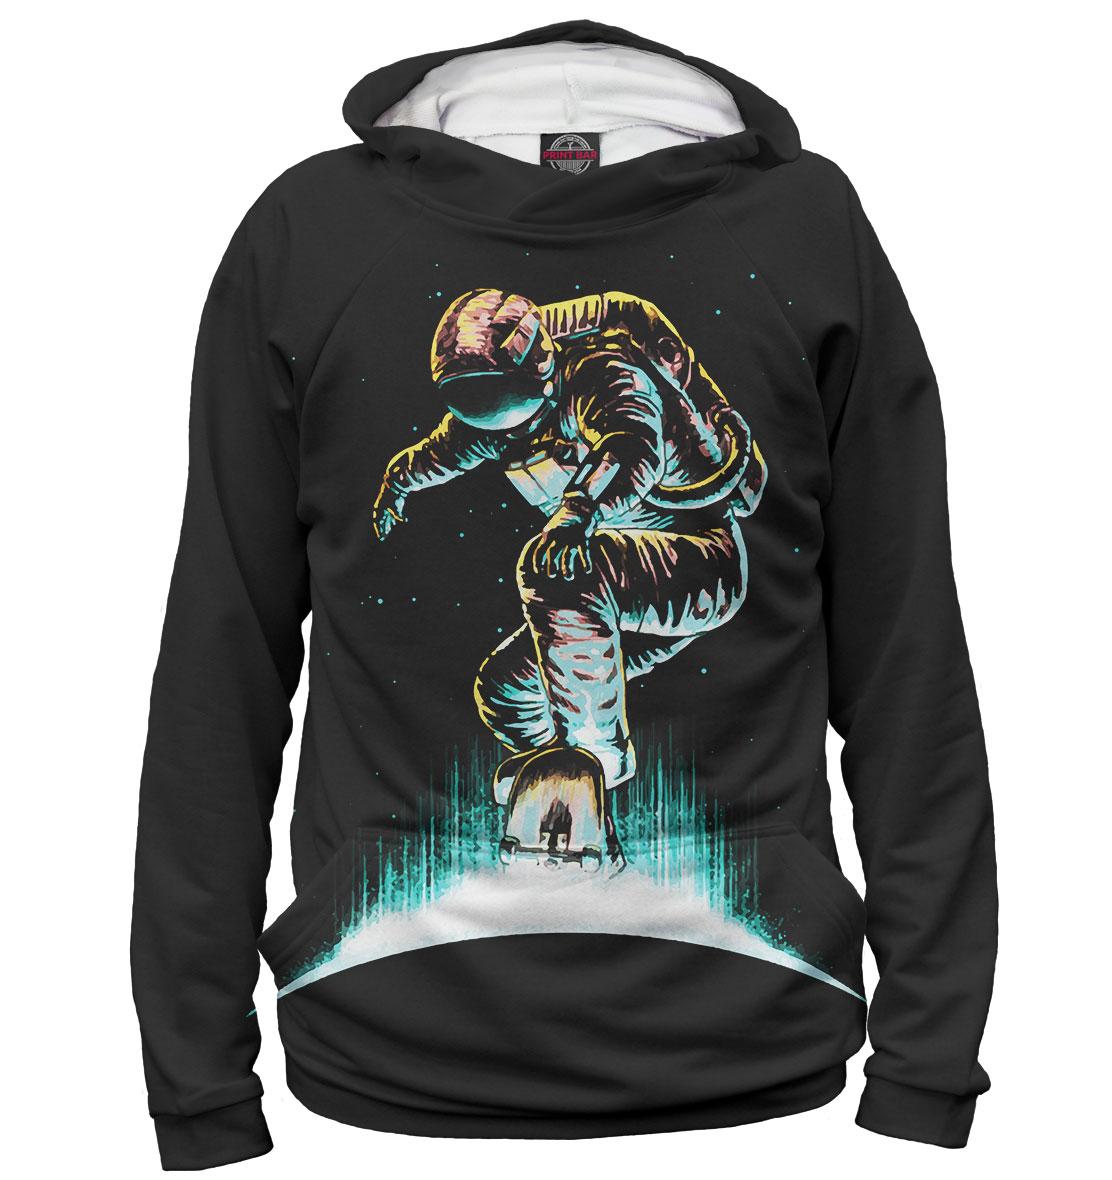 Купить Космонавт-скейтер, Printbar, Худи, SKT-768133-hud-2